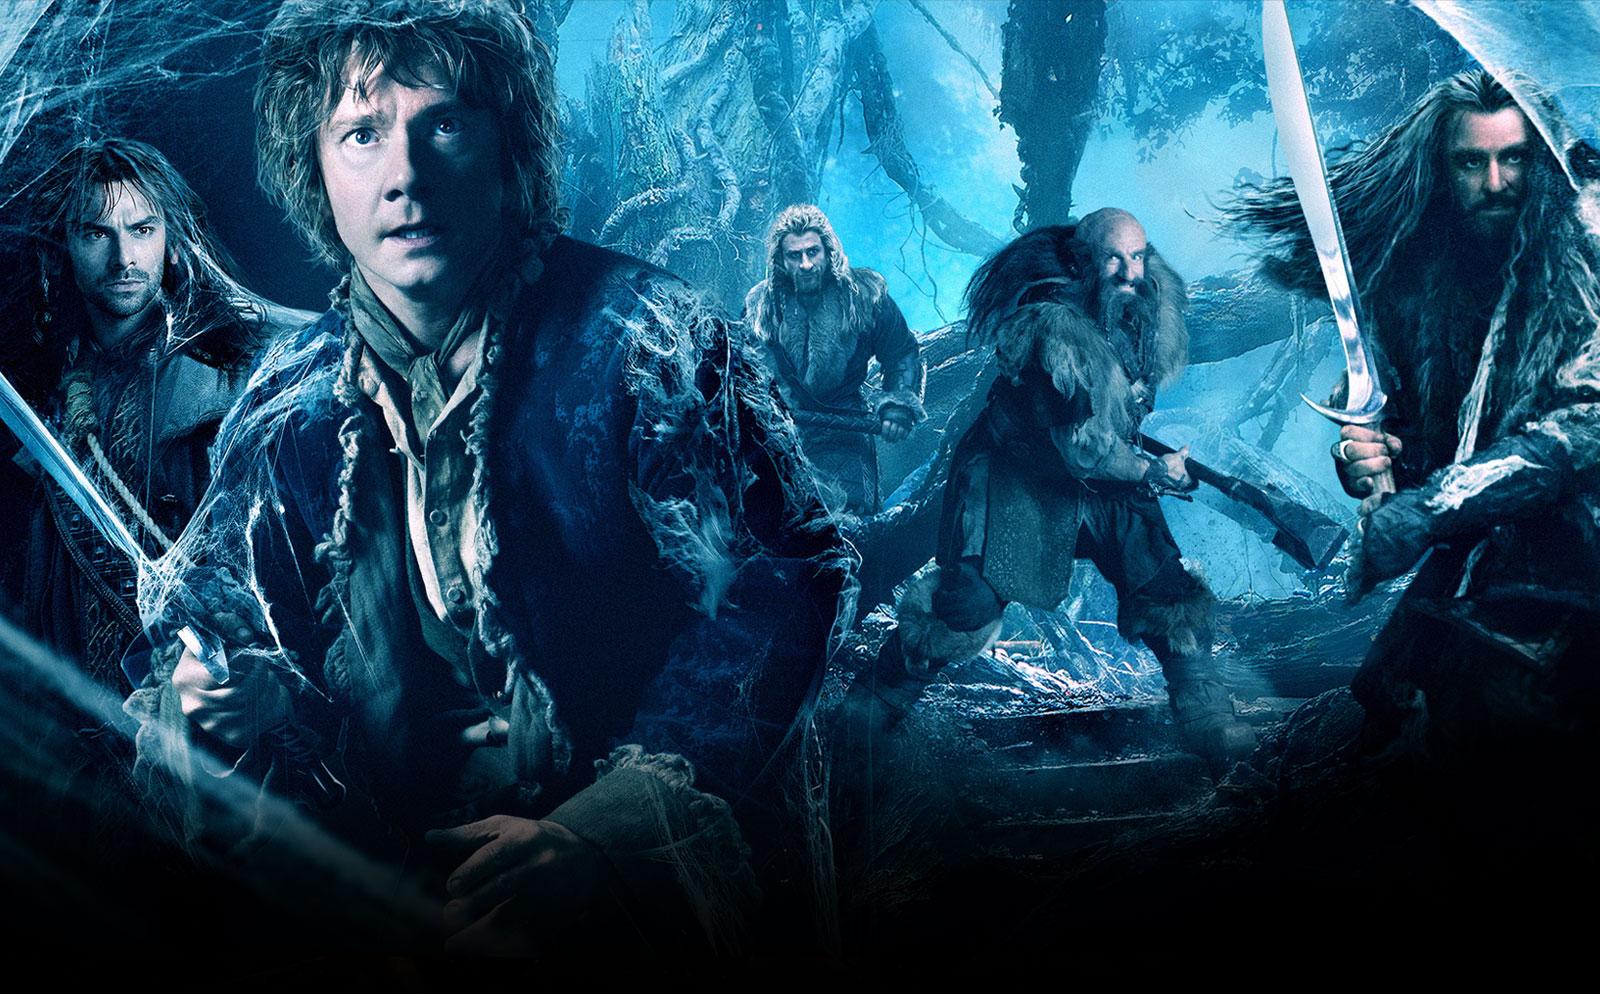 Le Seigneur des Anneaux / The Hobbit #3 Bg_NiZme